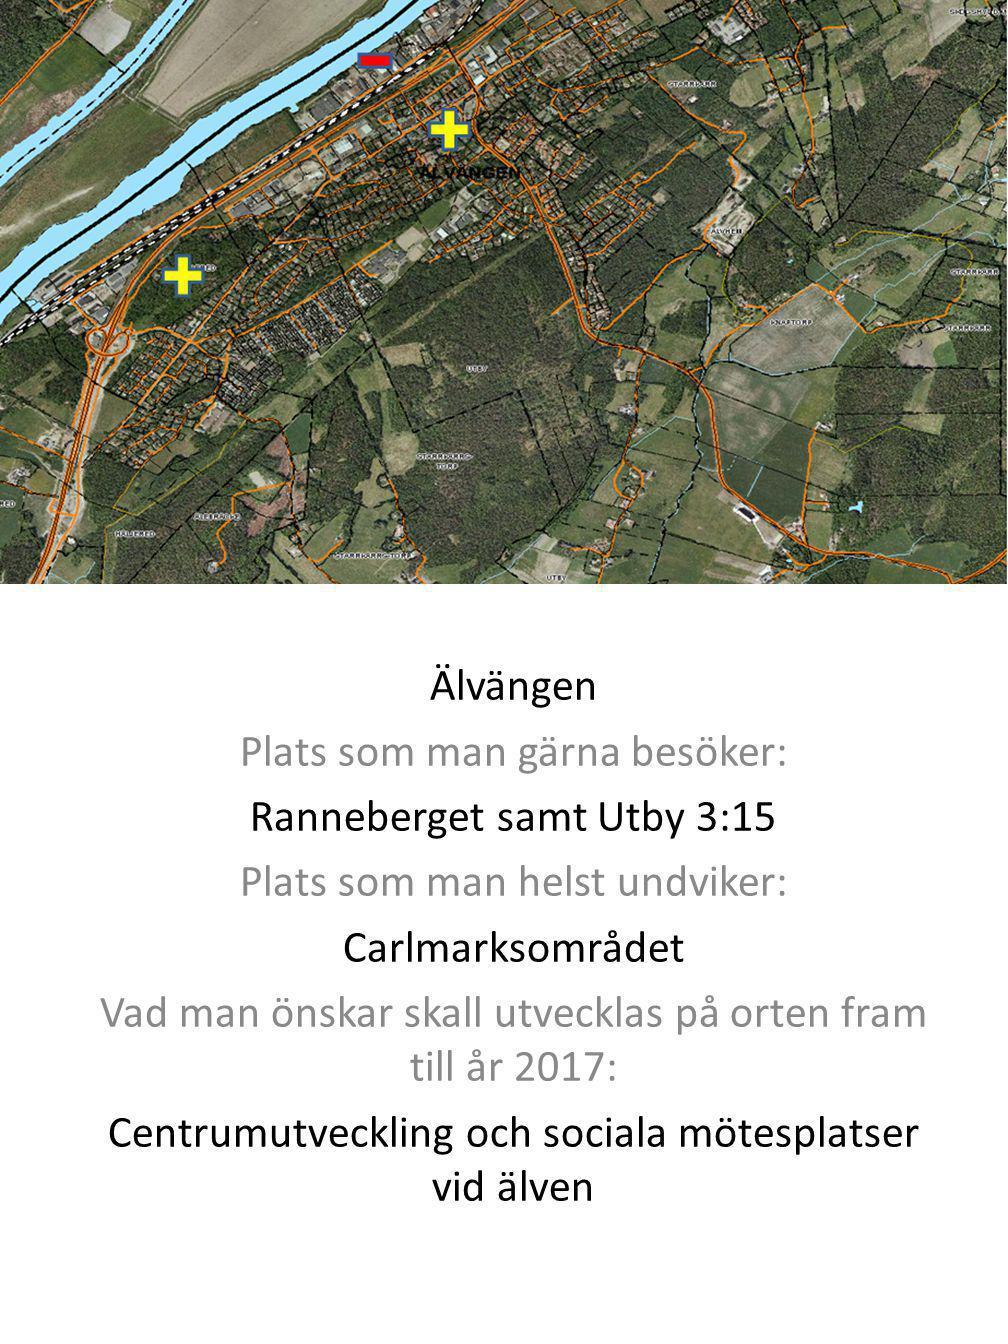 Plats som man gärna besöker: Ranneberget samt Utby 3:15